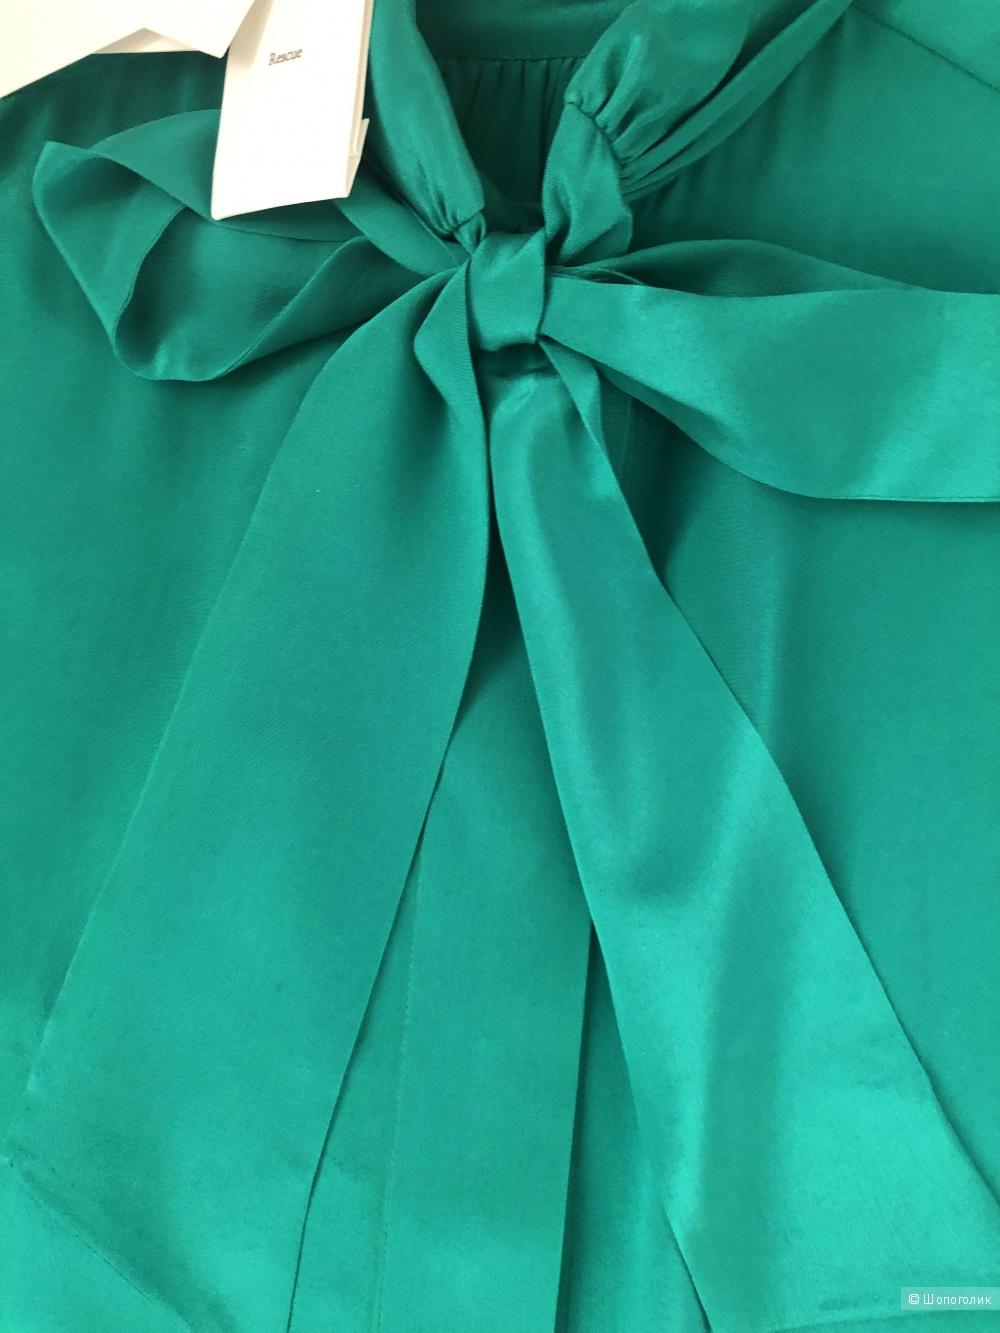 Блузка Sandro. Размер 38fr (44)